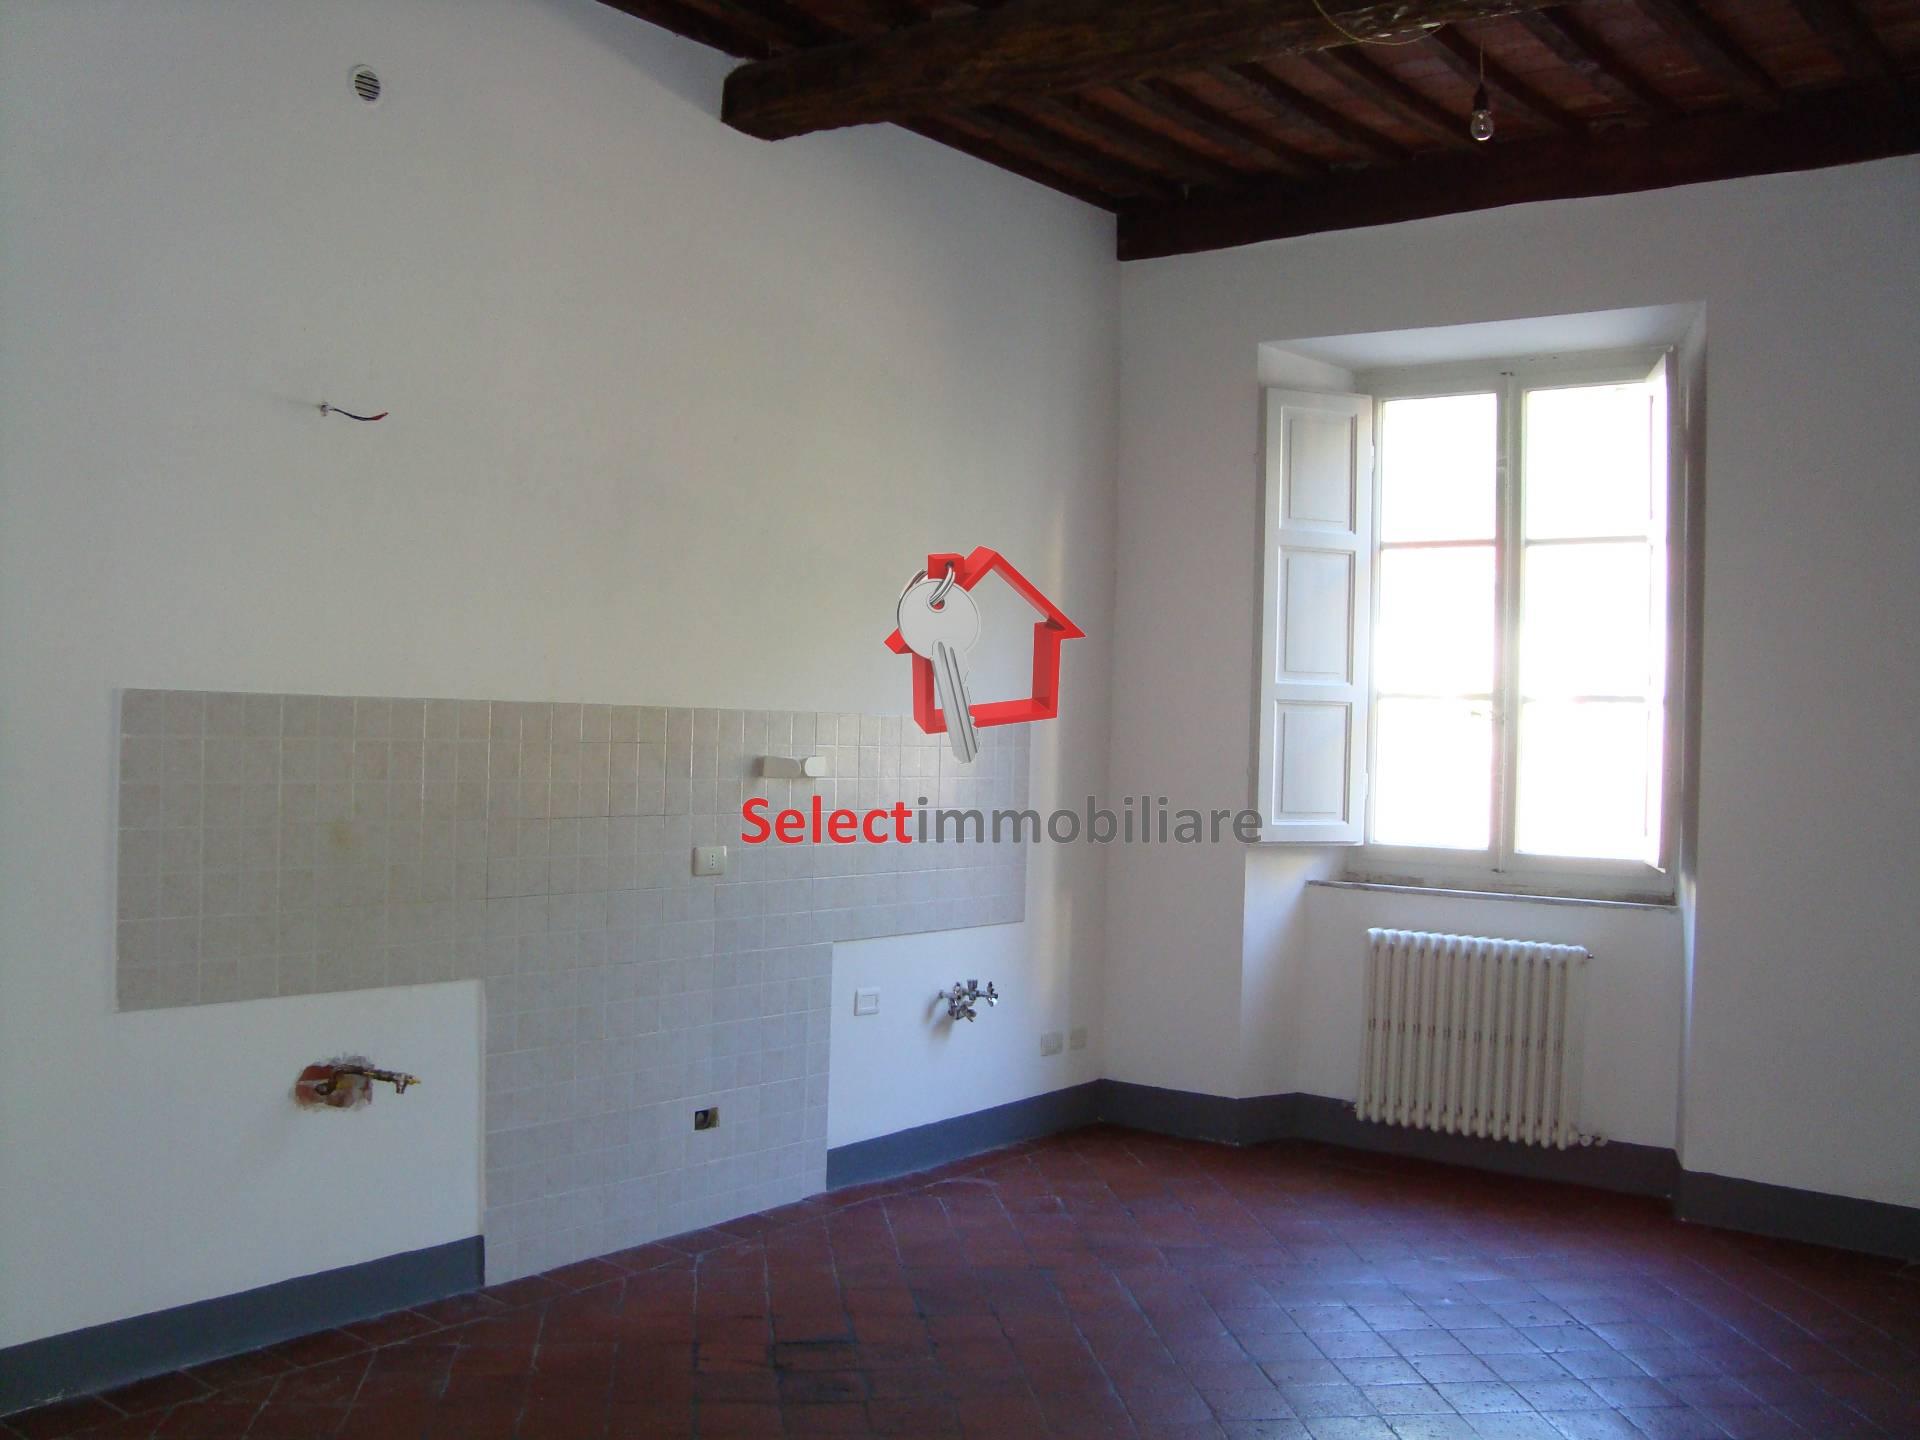 Appartamento in affitto a Borgo a Mozzano, 5 locali, zona Località: capoluogo, prezzo € 550 | Cambio Casa.it